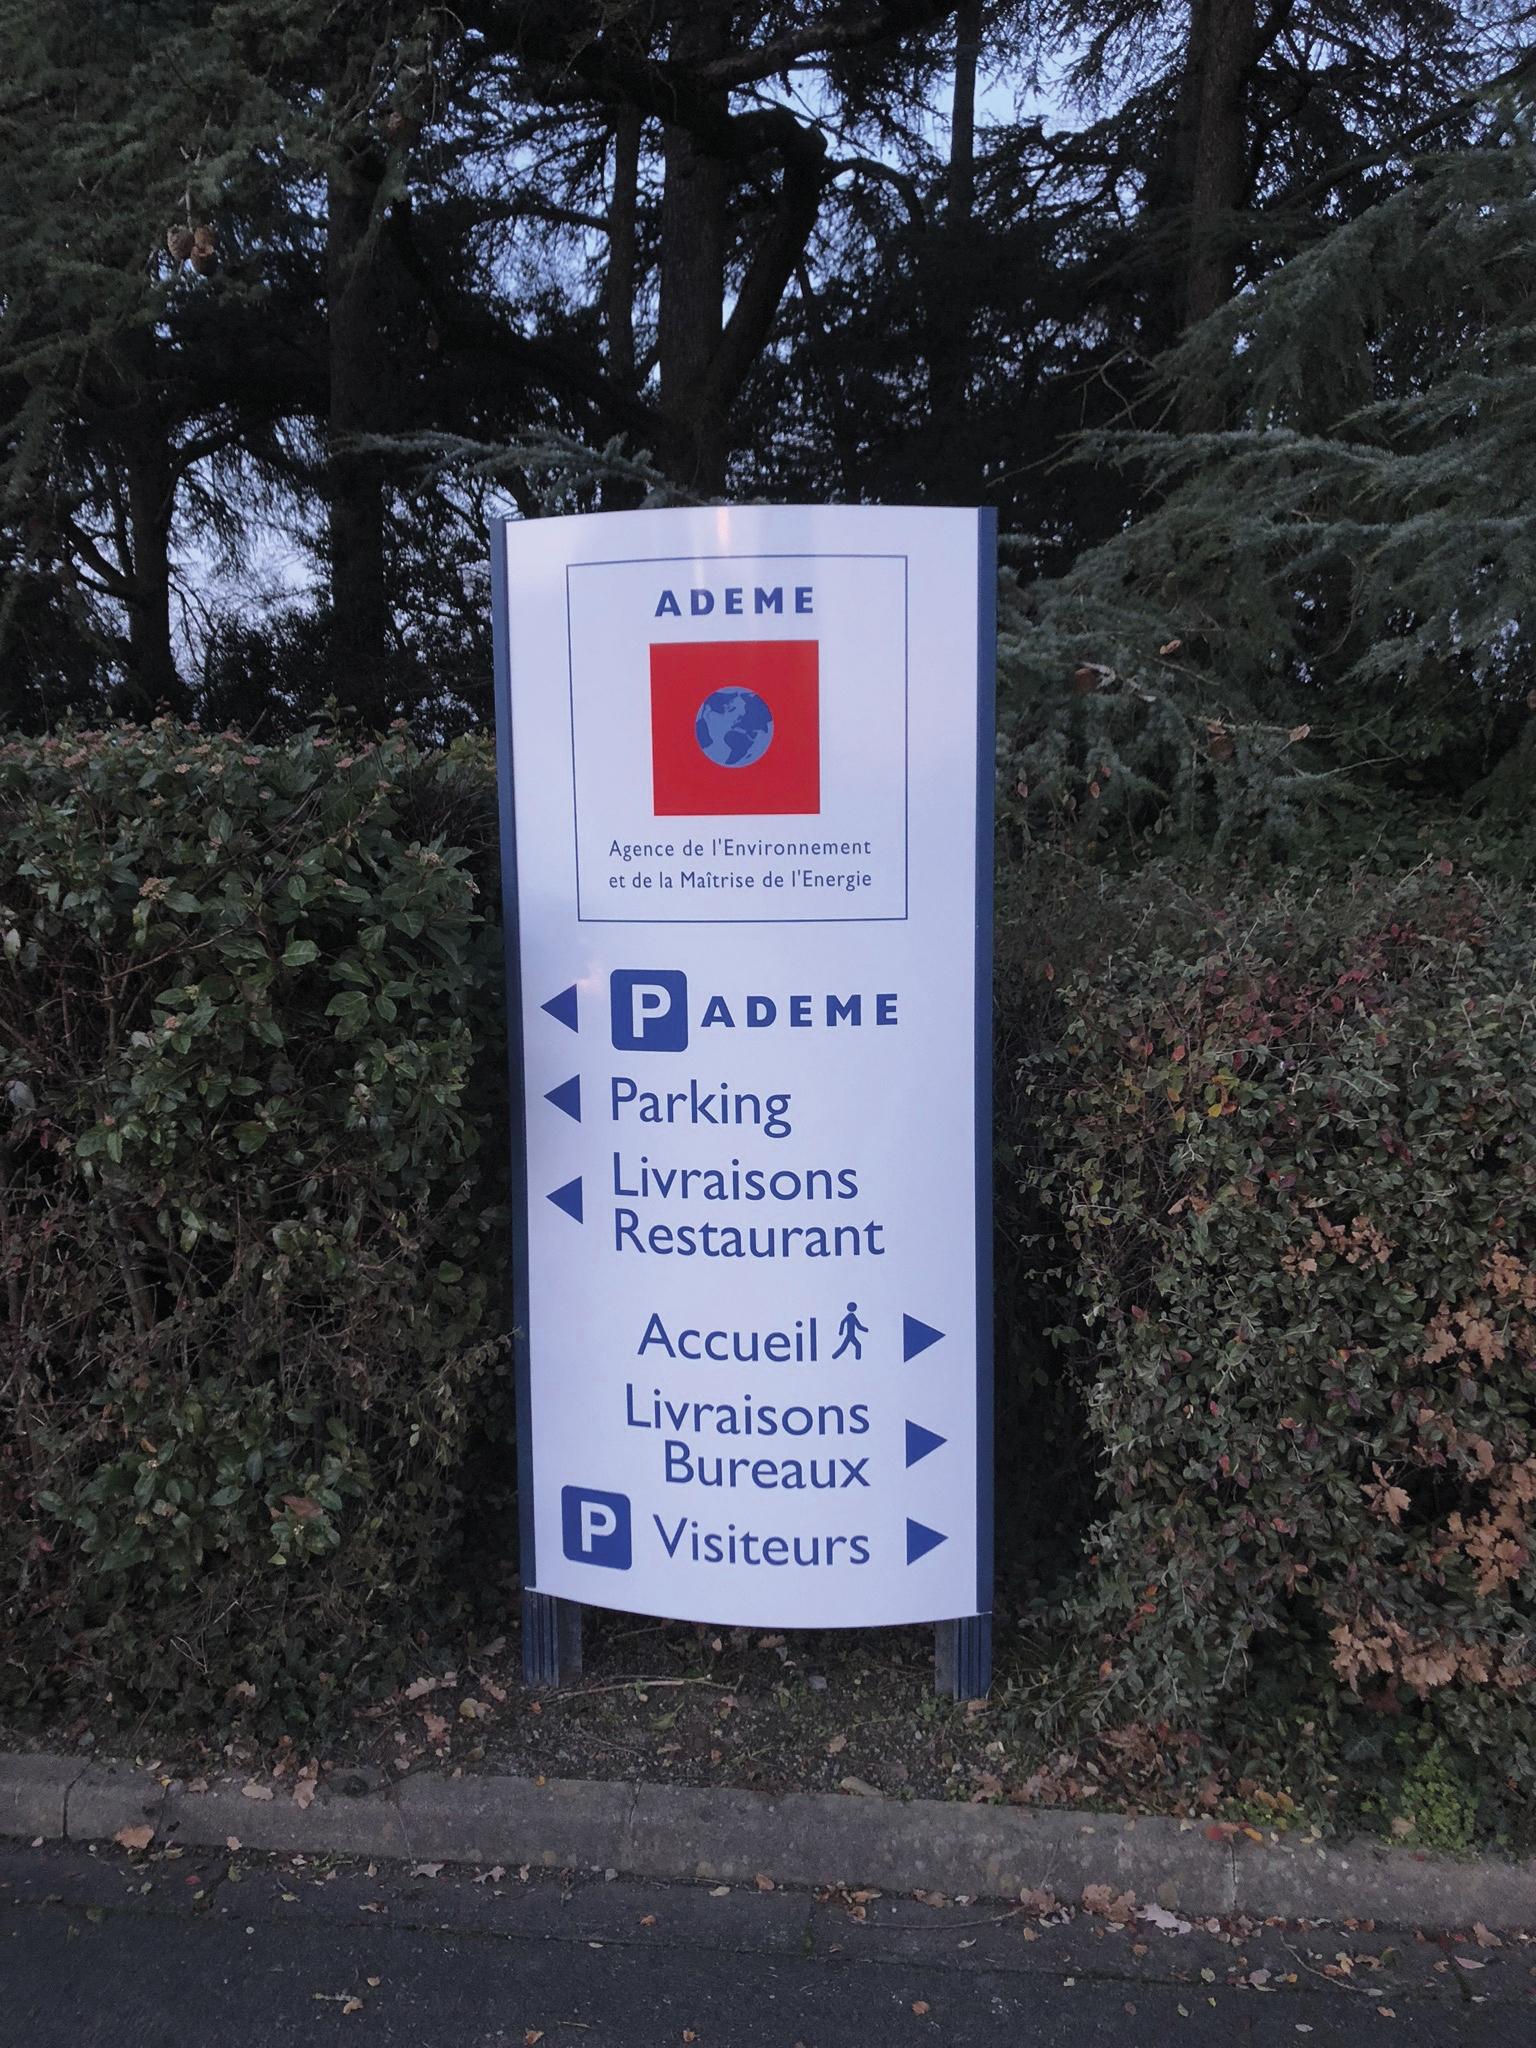 Panneau de signalétique pour l'ADEME à Angers.